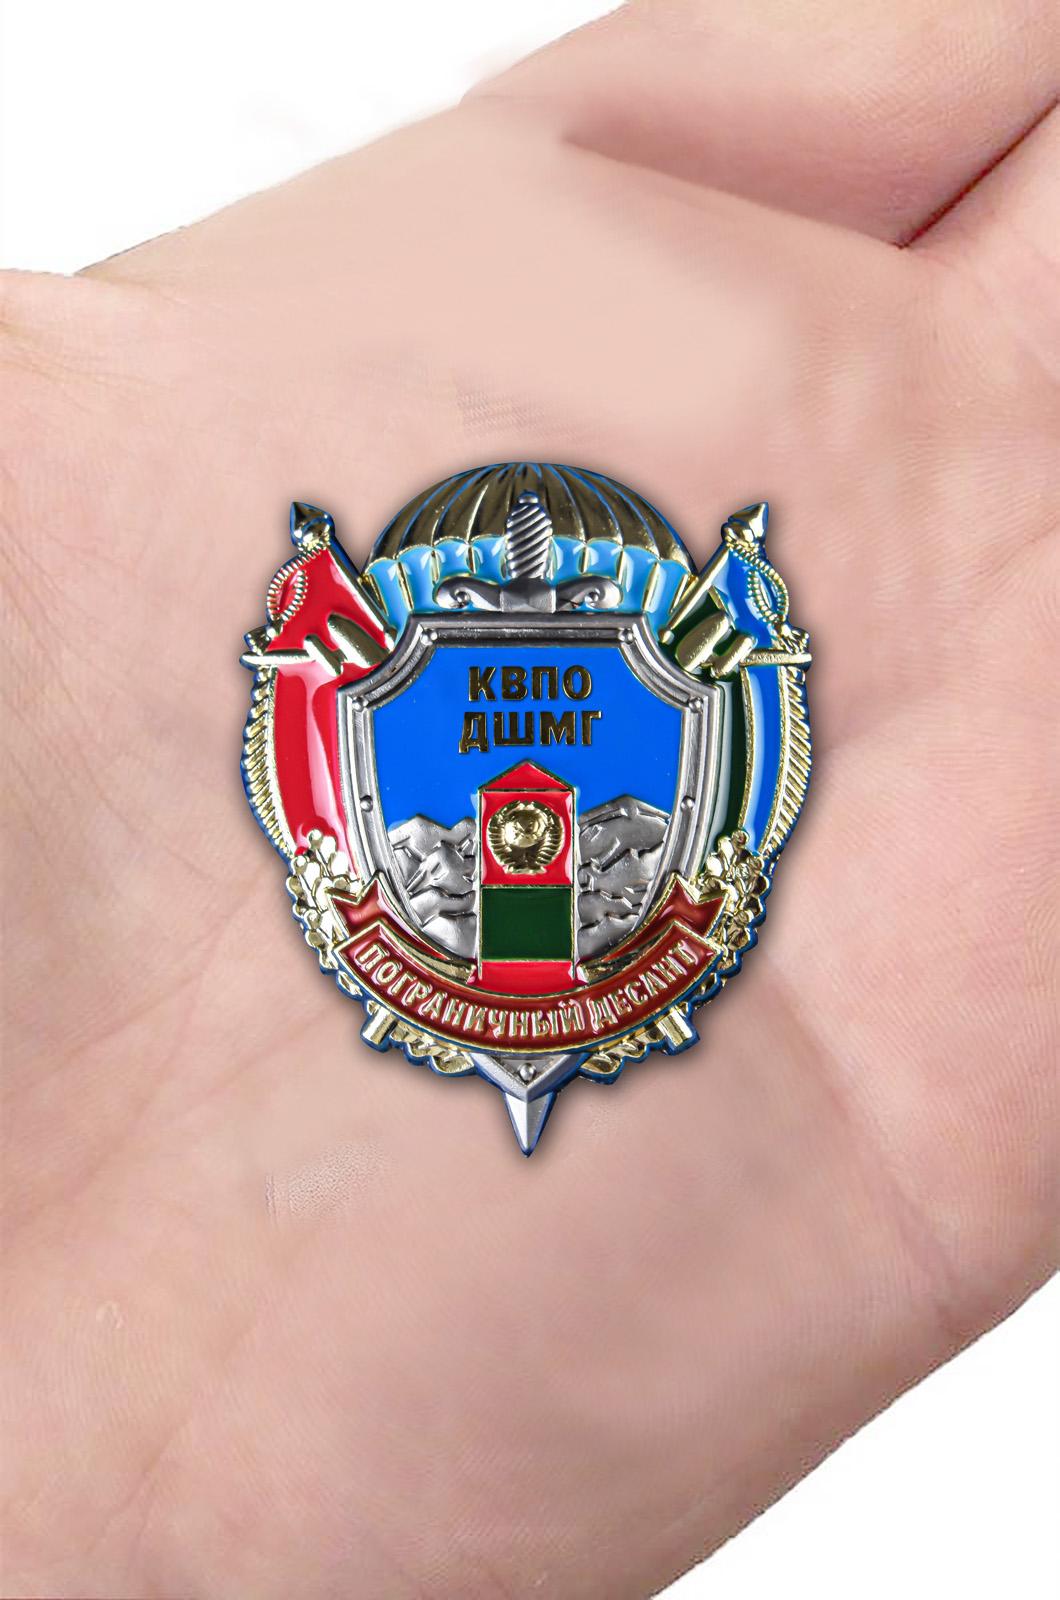 """Заказать знак КВПО ДШМГ """"Пограничный десант"""""""